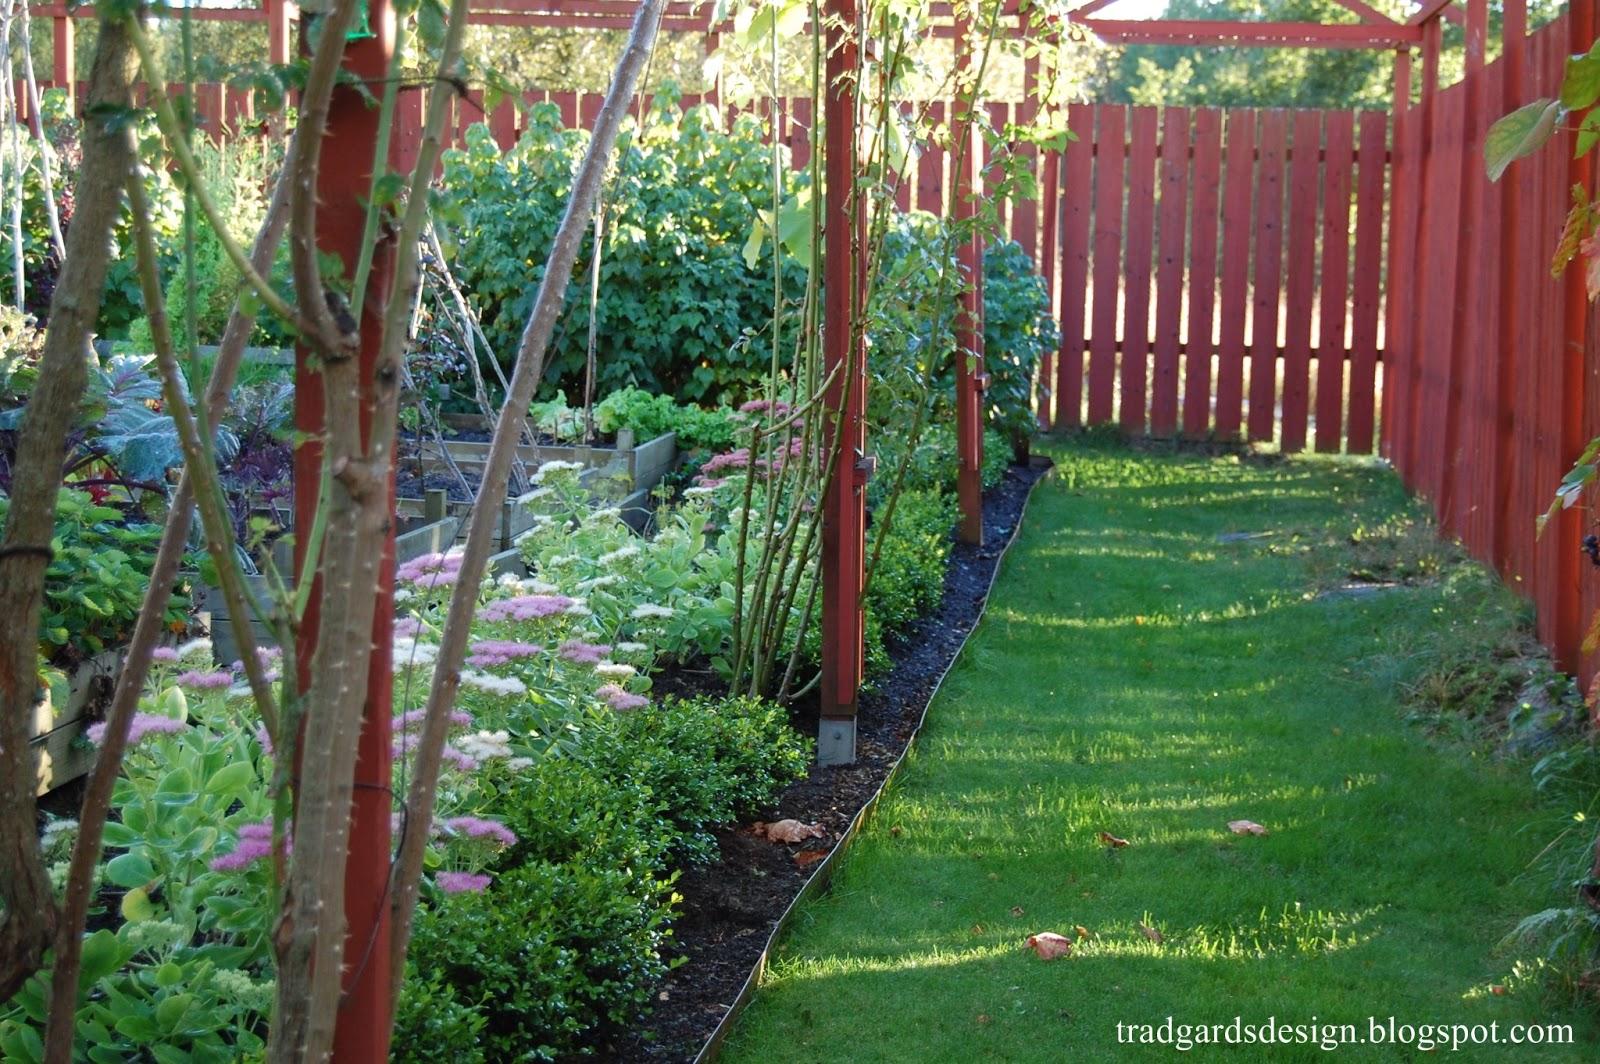 Trädgård plank trädgård : M/S DESIGN TrädgÃ¥rd och Keramik: Innanför planket...